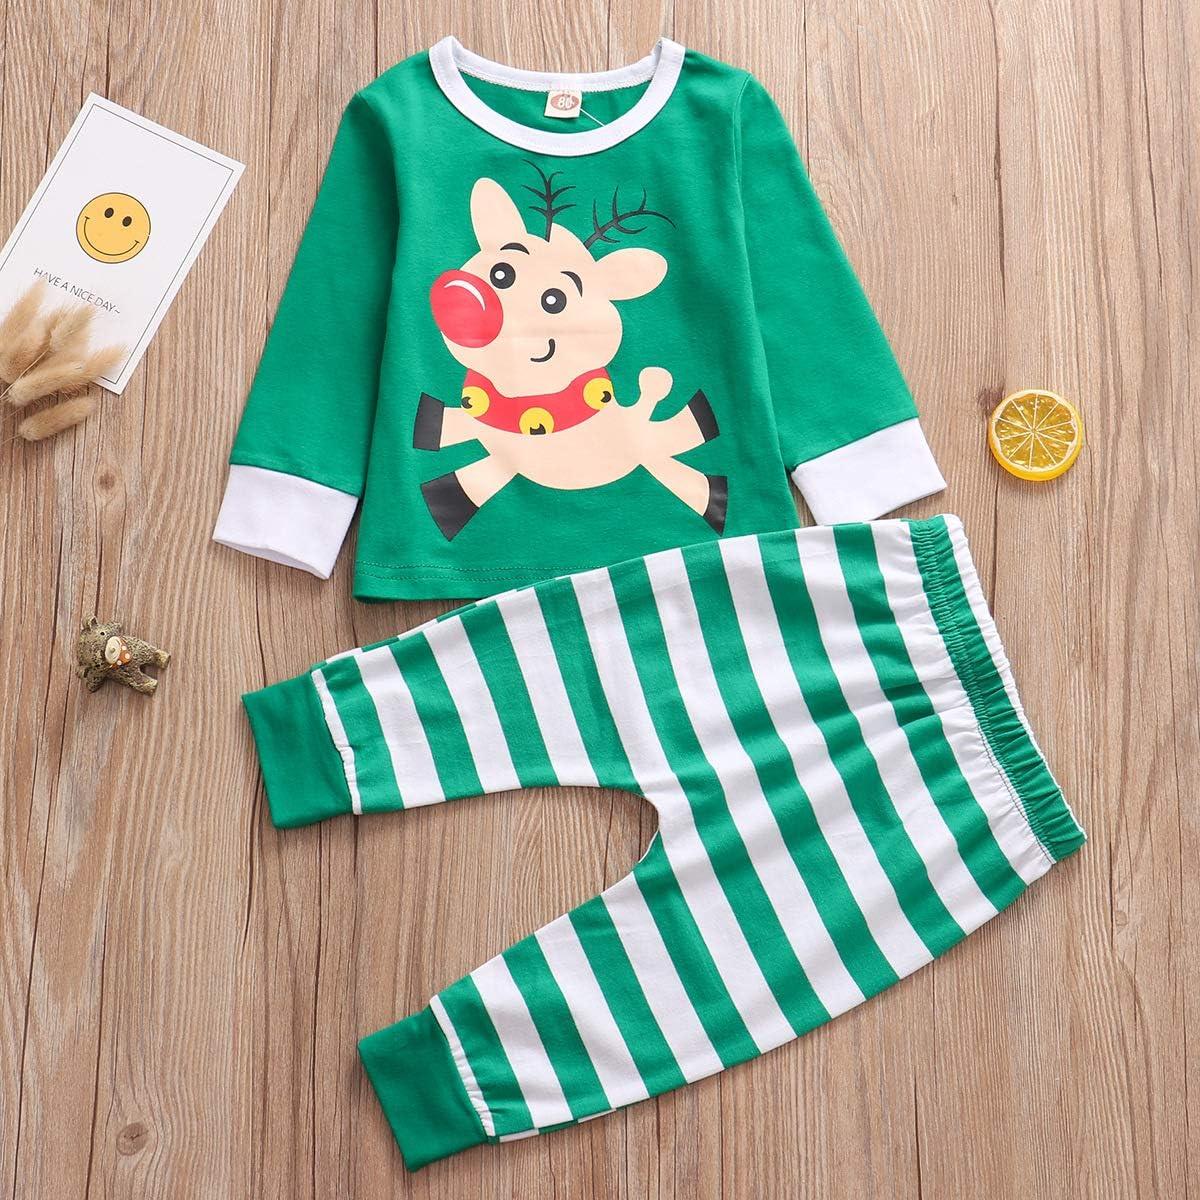 Ropa de beb/é Ni/ño Su/éter de beb/é Su/éter de Rayas Pantalones de Elefante Floral Pantalones Conjunto de Sudadera de Dos Piezas